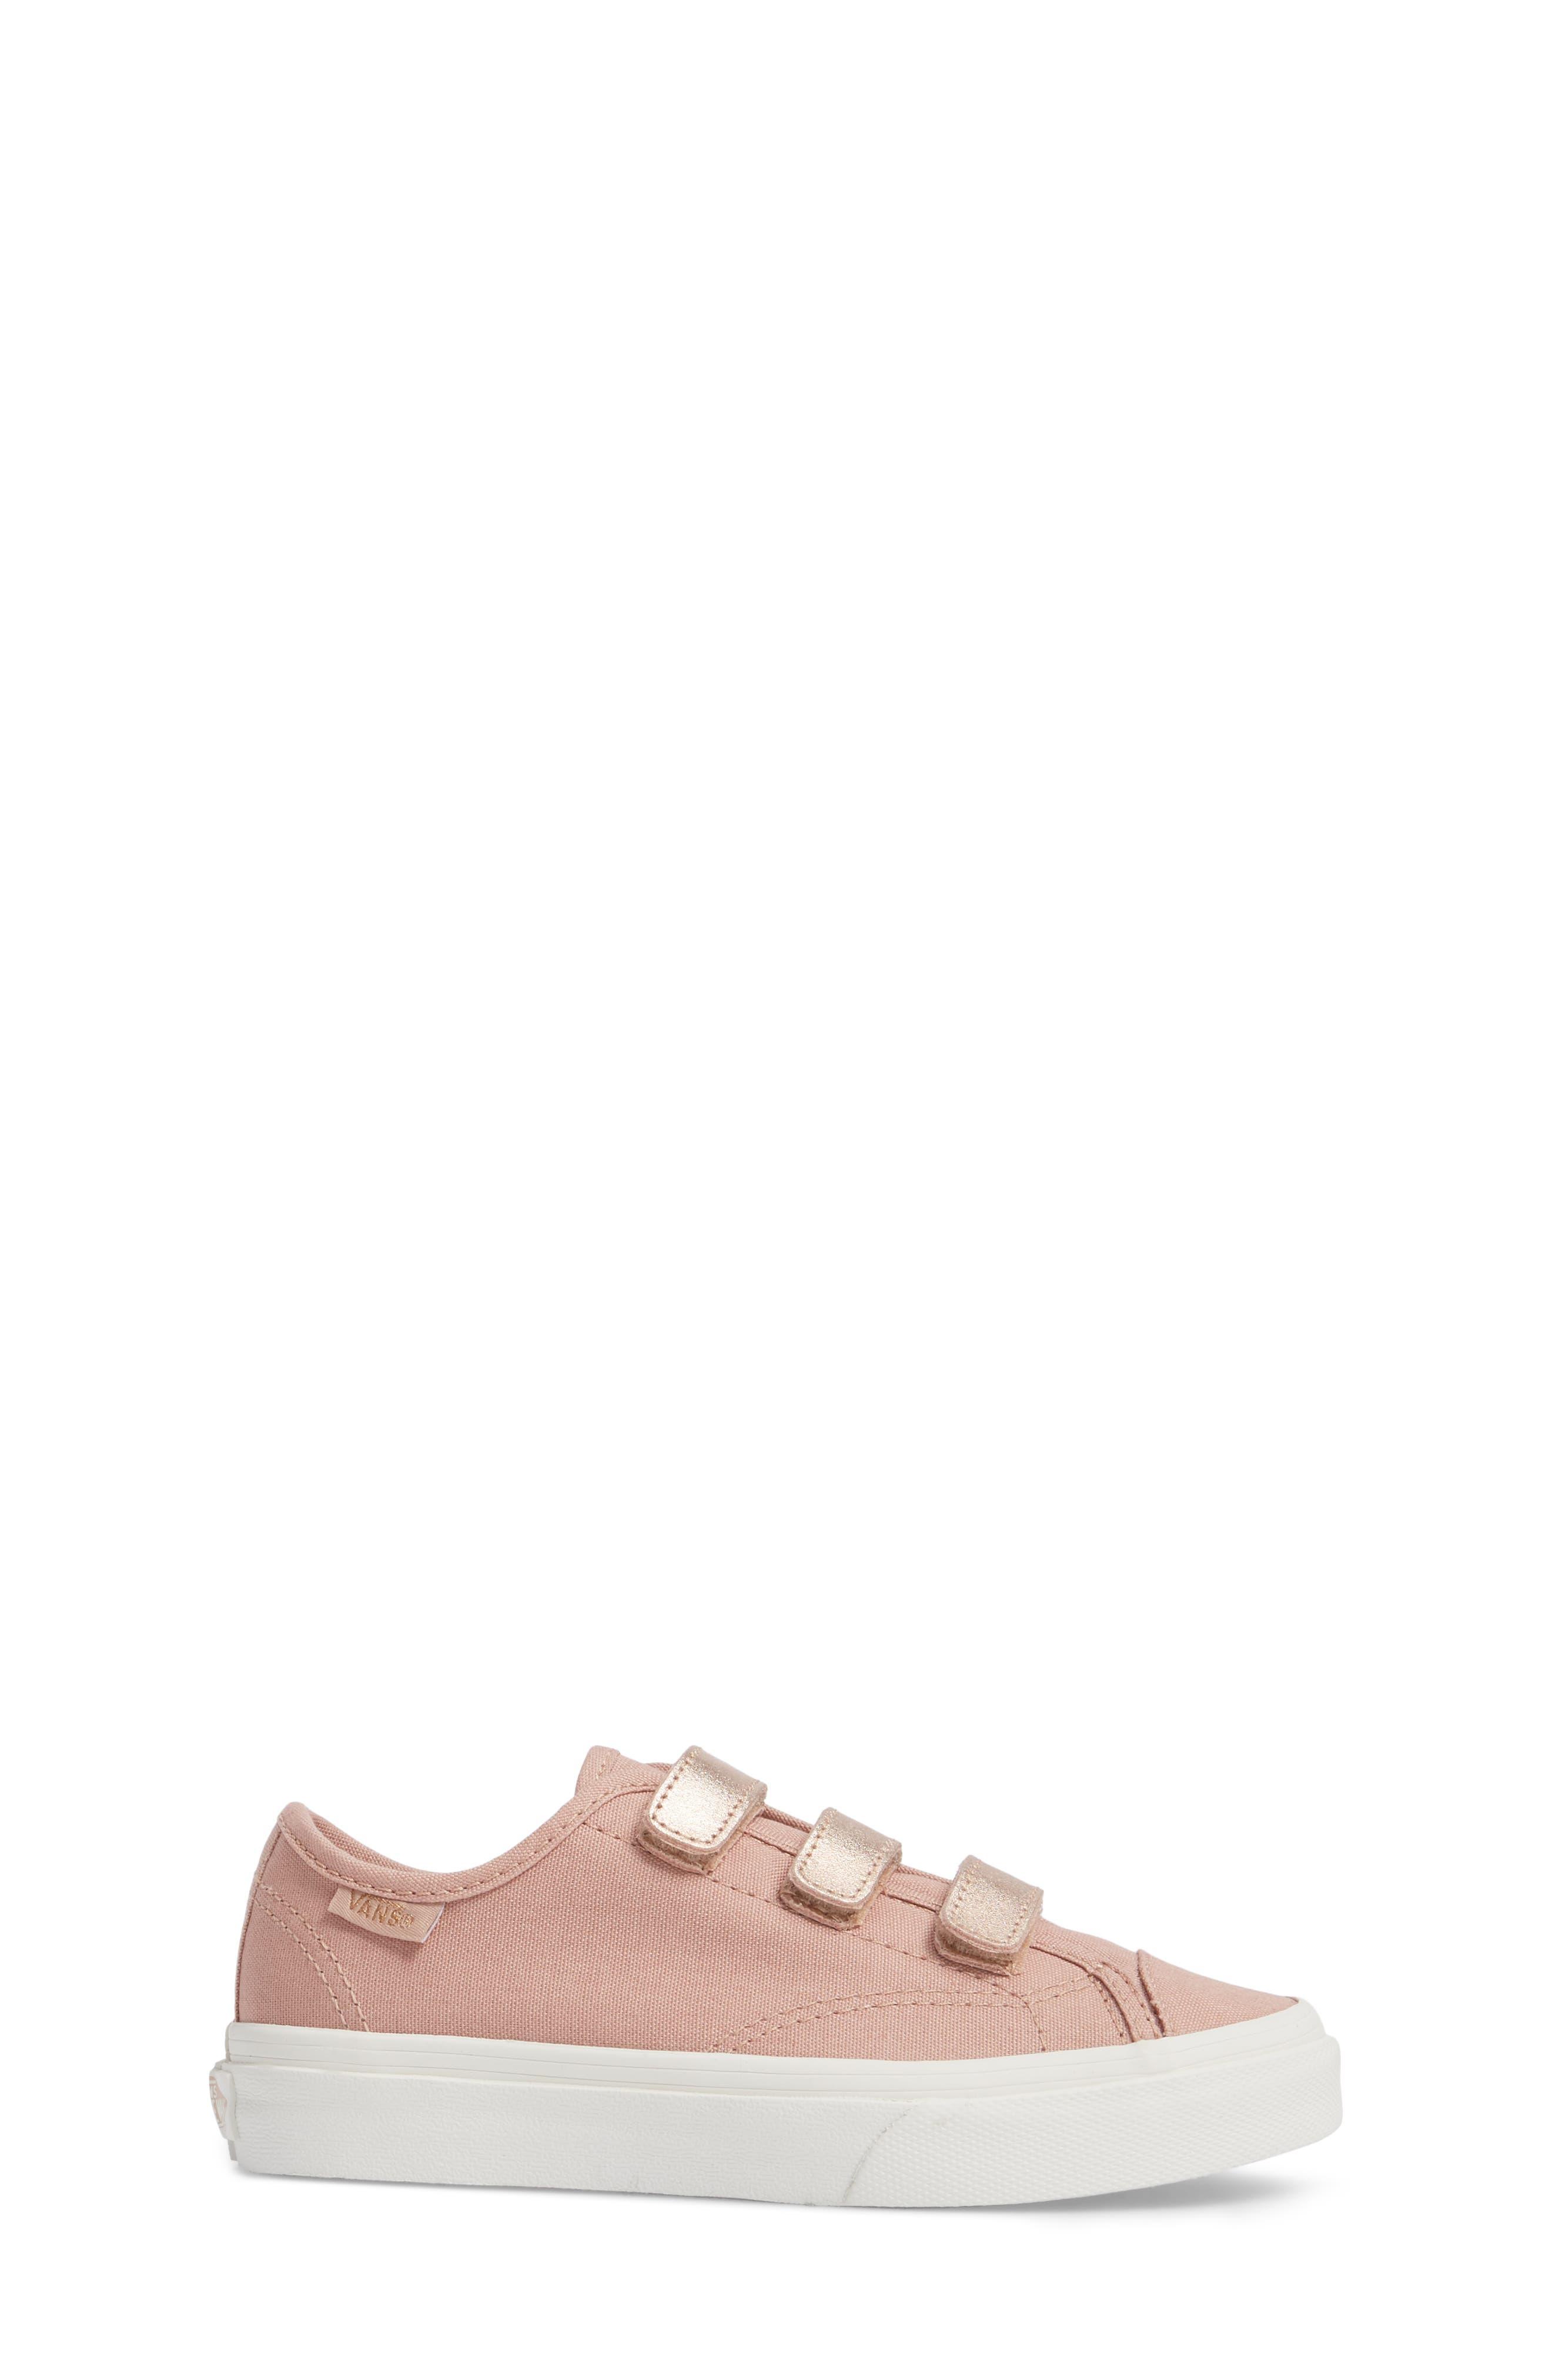 Style 23V Sneaker,                             Alternate thumbnail 3, color,                             220